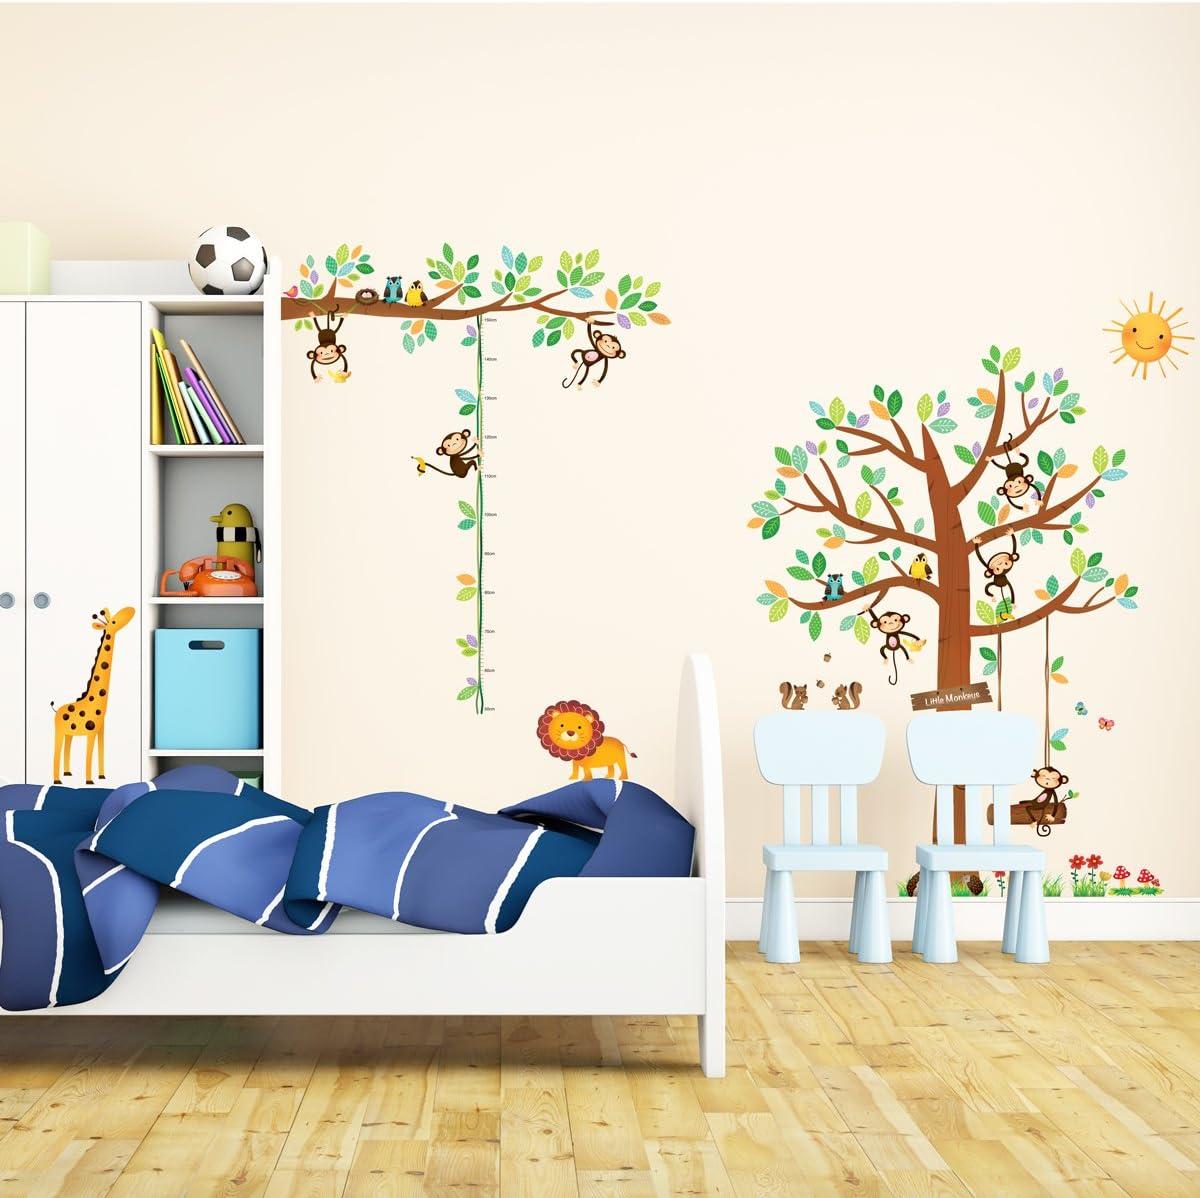 DECOWALL DA-1401P1402 8 Petits Singes Arboricoles et Ruban Mesureur Autocollants Muraux Mural Stickers Chambre Enfants B/éb/é Garderie Salon